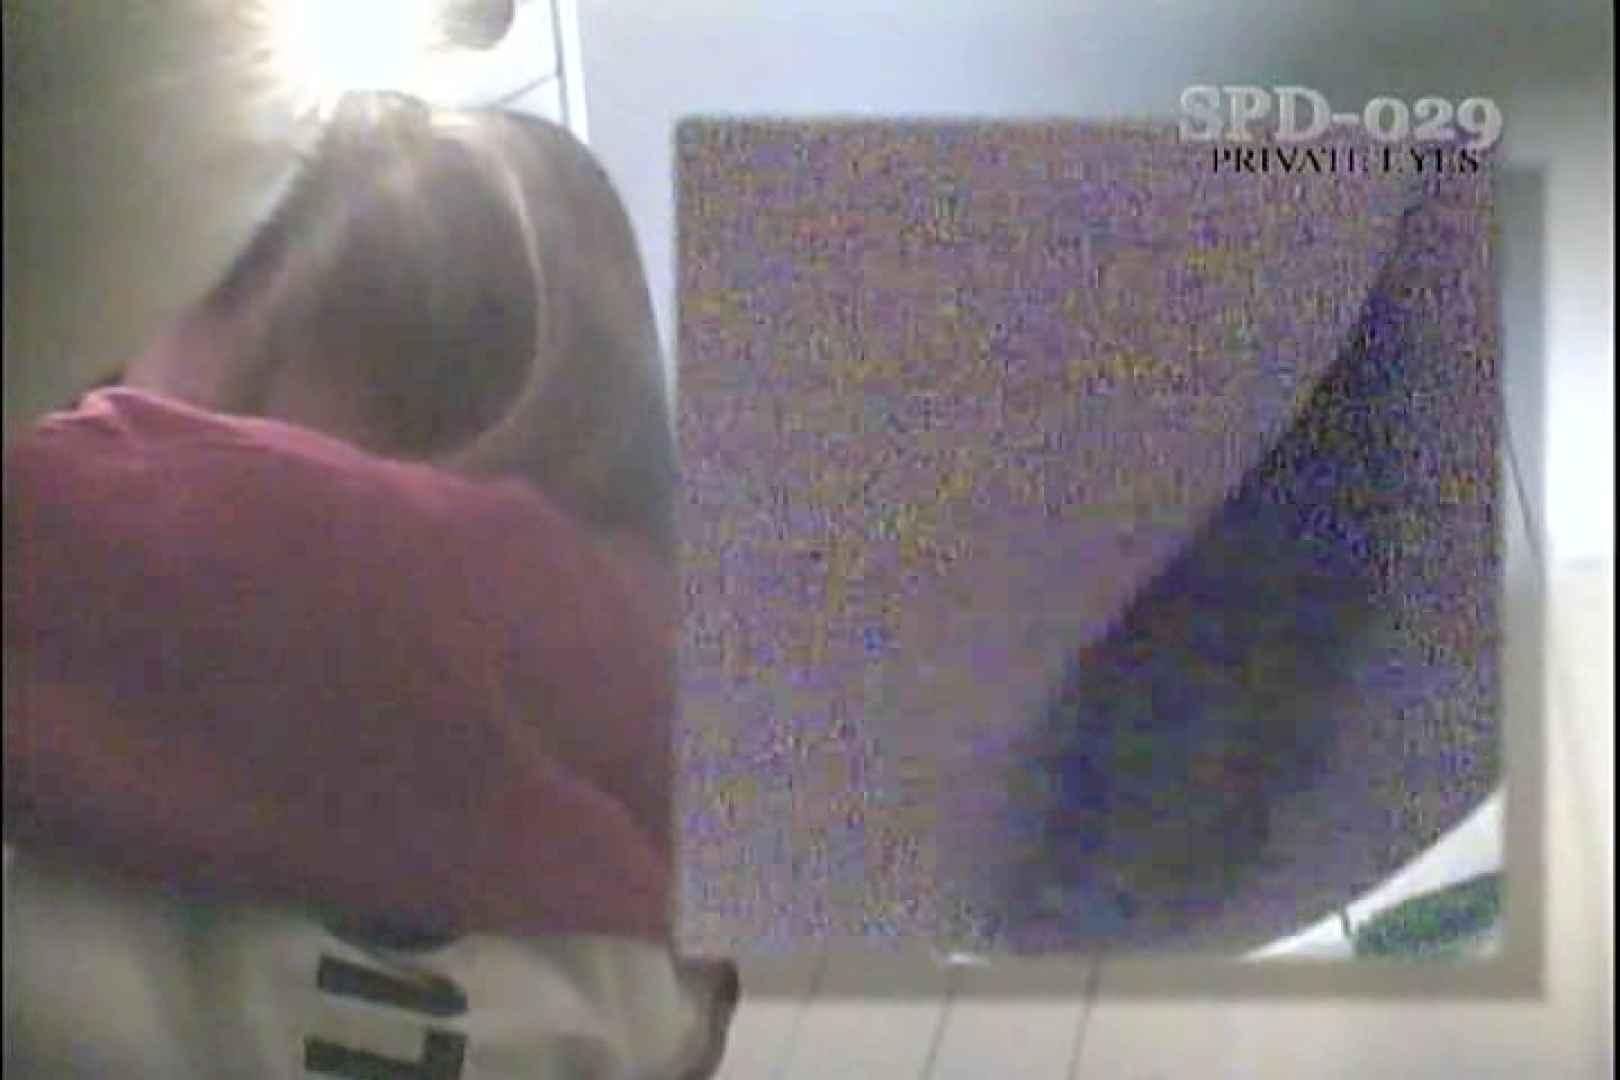 高画質版!SPD-029 和式厠 モリモリスペシャル 高画質 エロ無料画像 88連発 68